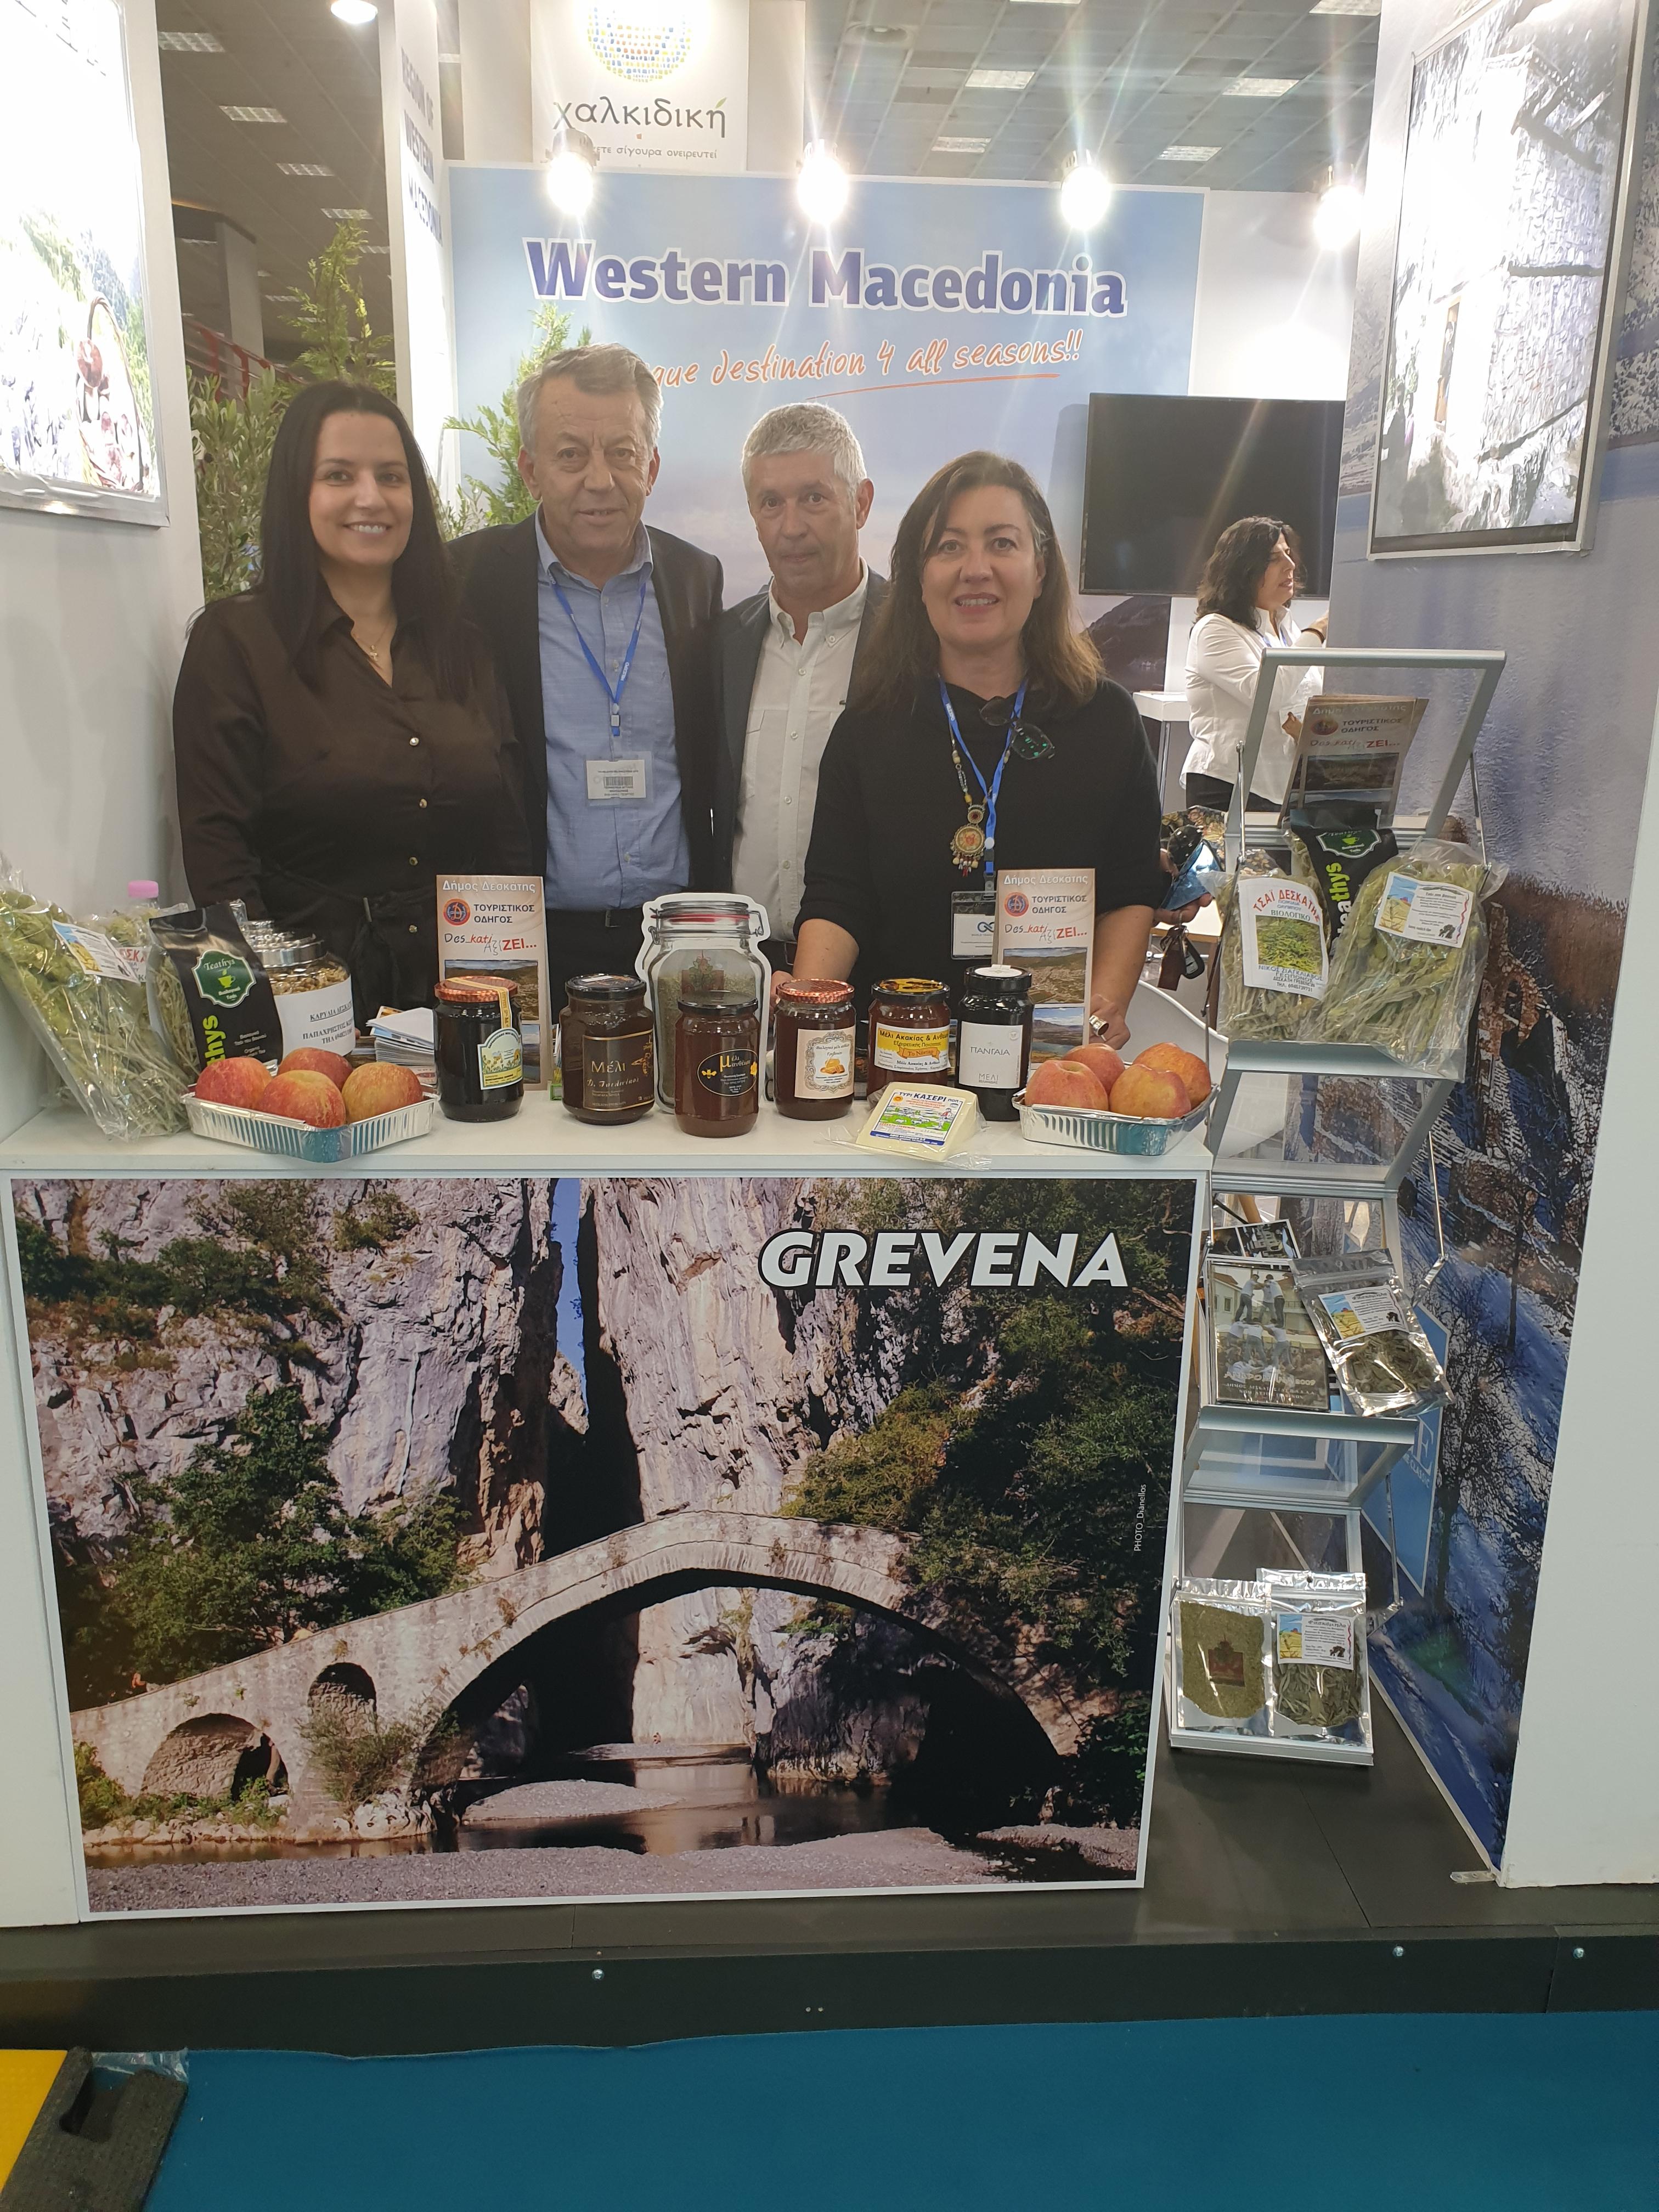 Ο Δήμος Δεσκάτης  συμμετείχε στην έκθεση Philoxenia 2019